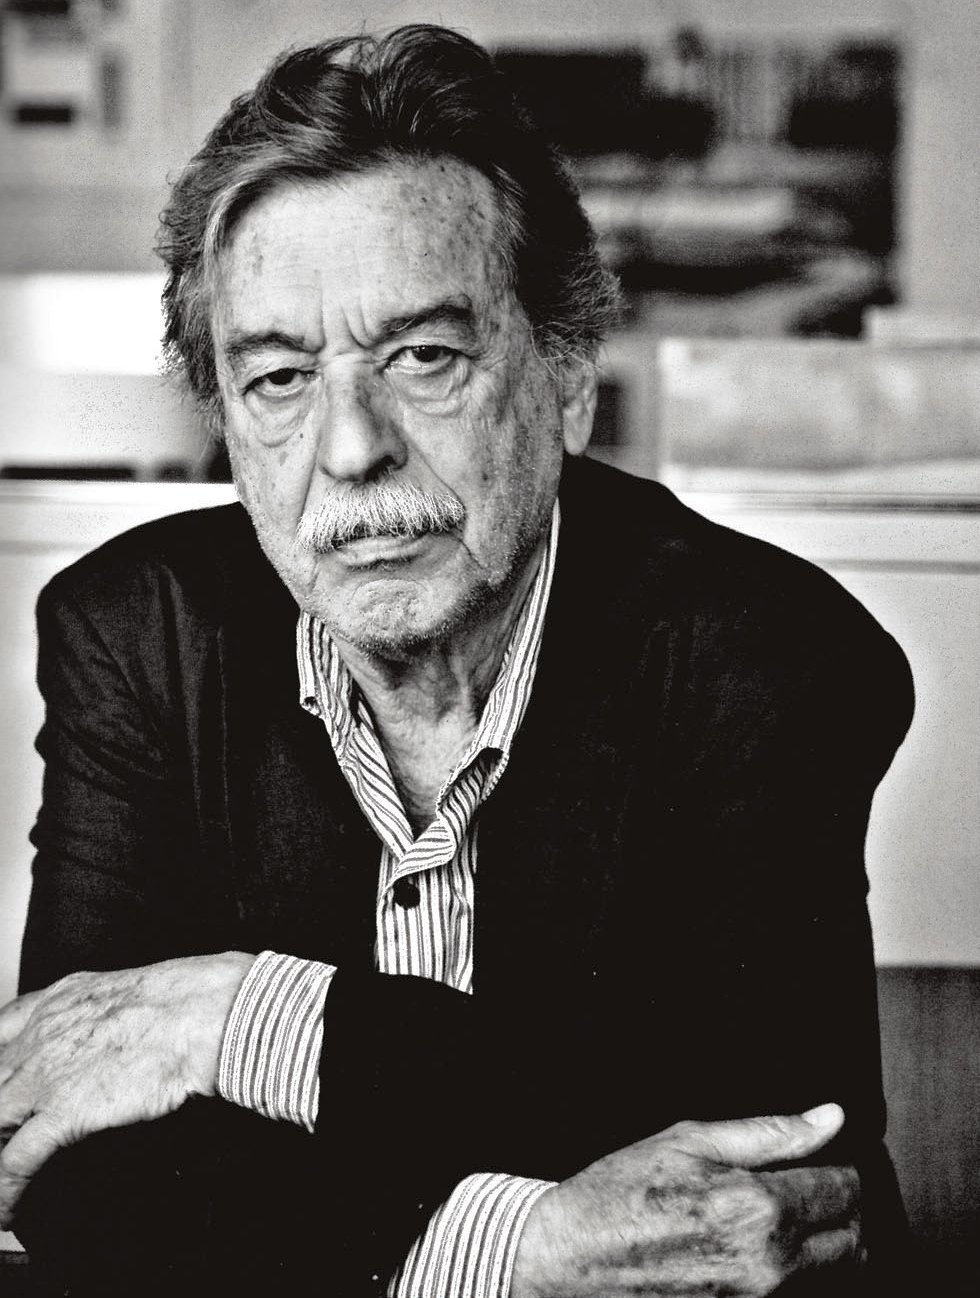 Paulo Mendes da Rocha, portrait - Photo by Arquivo P.M. Rocha.